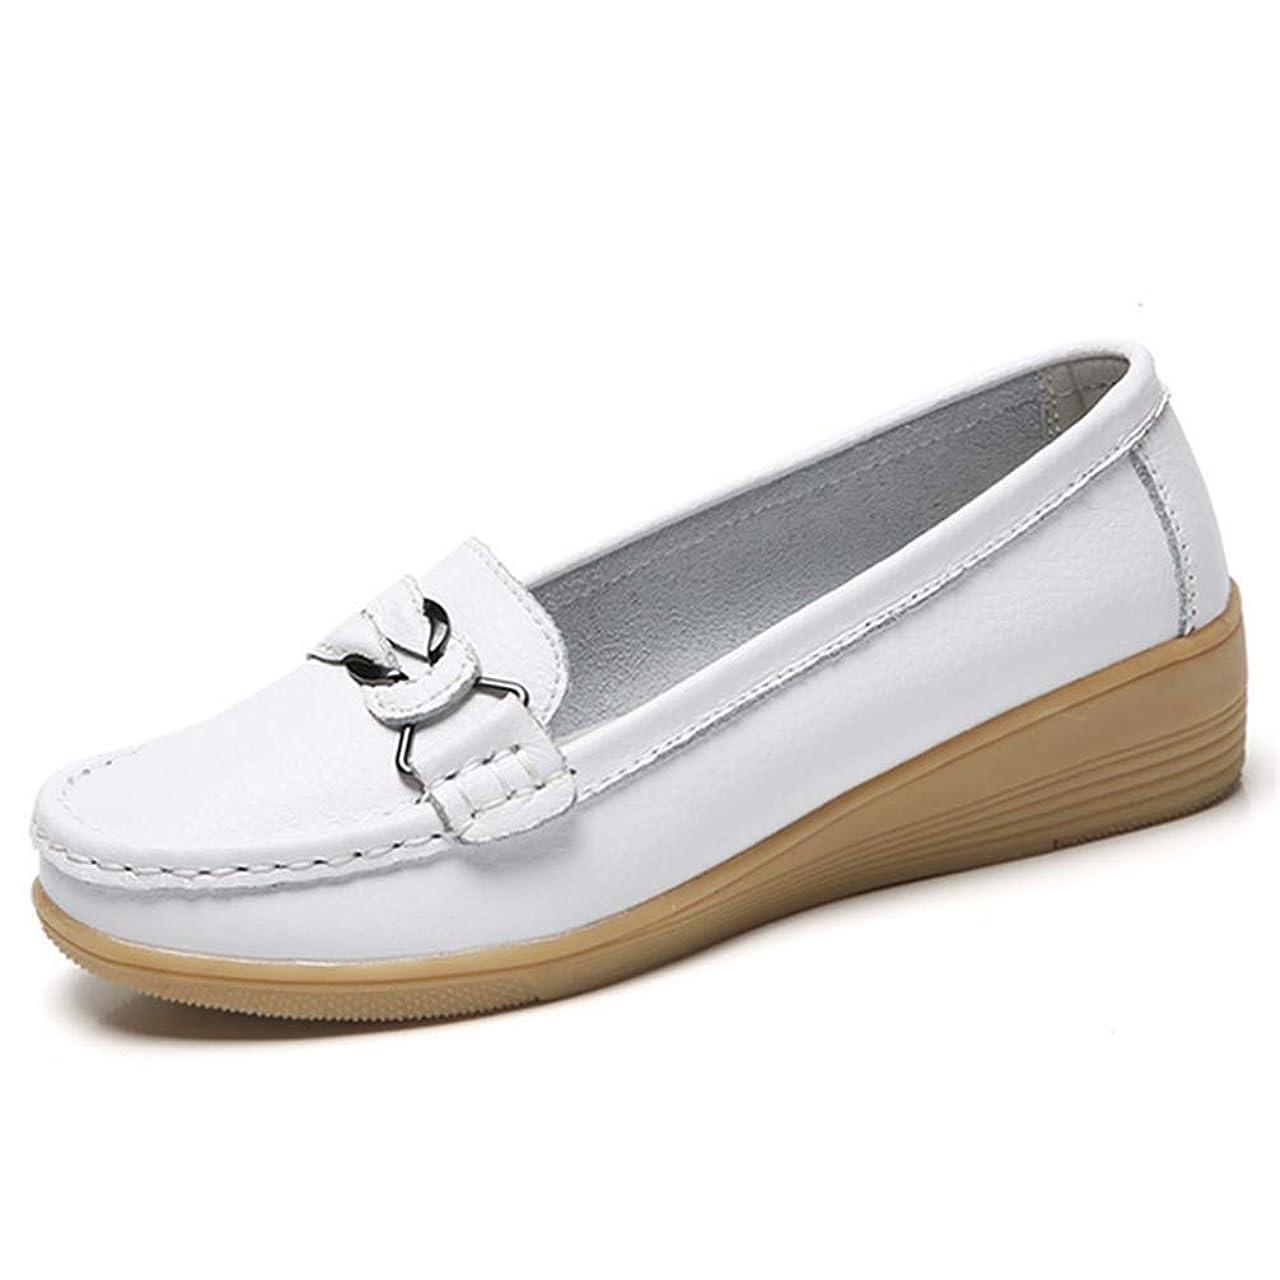 協力的記者アナリストモカシンシューズ 痛くない ローヒール ウェッジ ウェッジソール ナースシューズ 歩きやすい 疲れない ウエッジ ぺたんこ かわいい ラウンドトゥ 美脚 婦人靴 ペタンコ 大きいサイズ 靴 柔らかい ママシューズ 妊婦